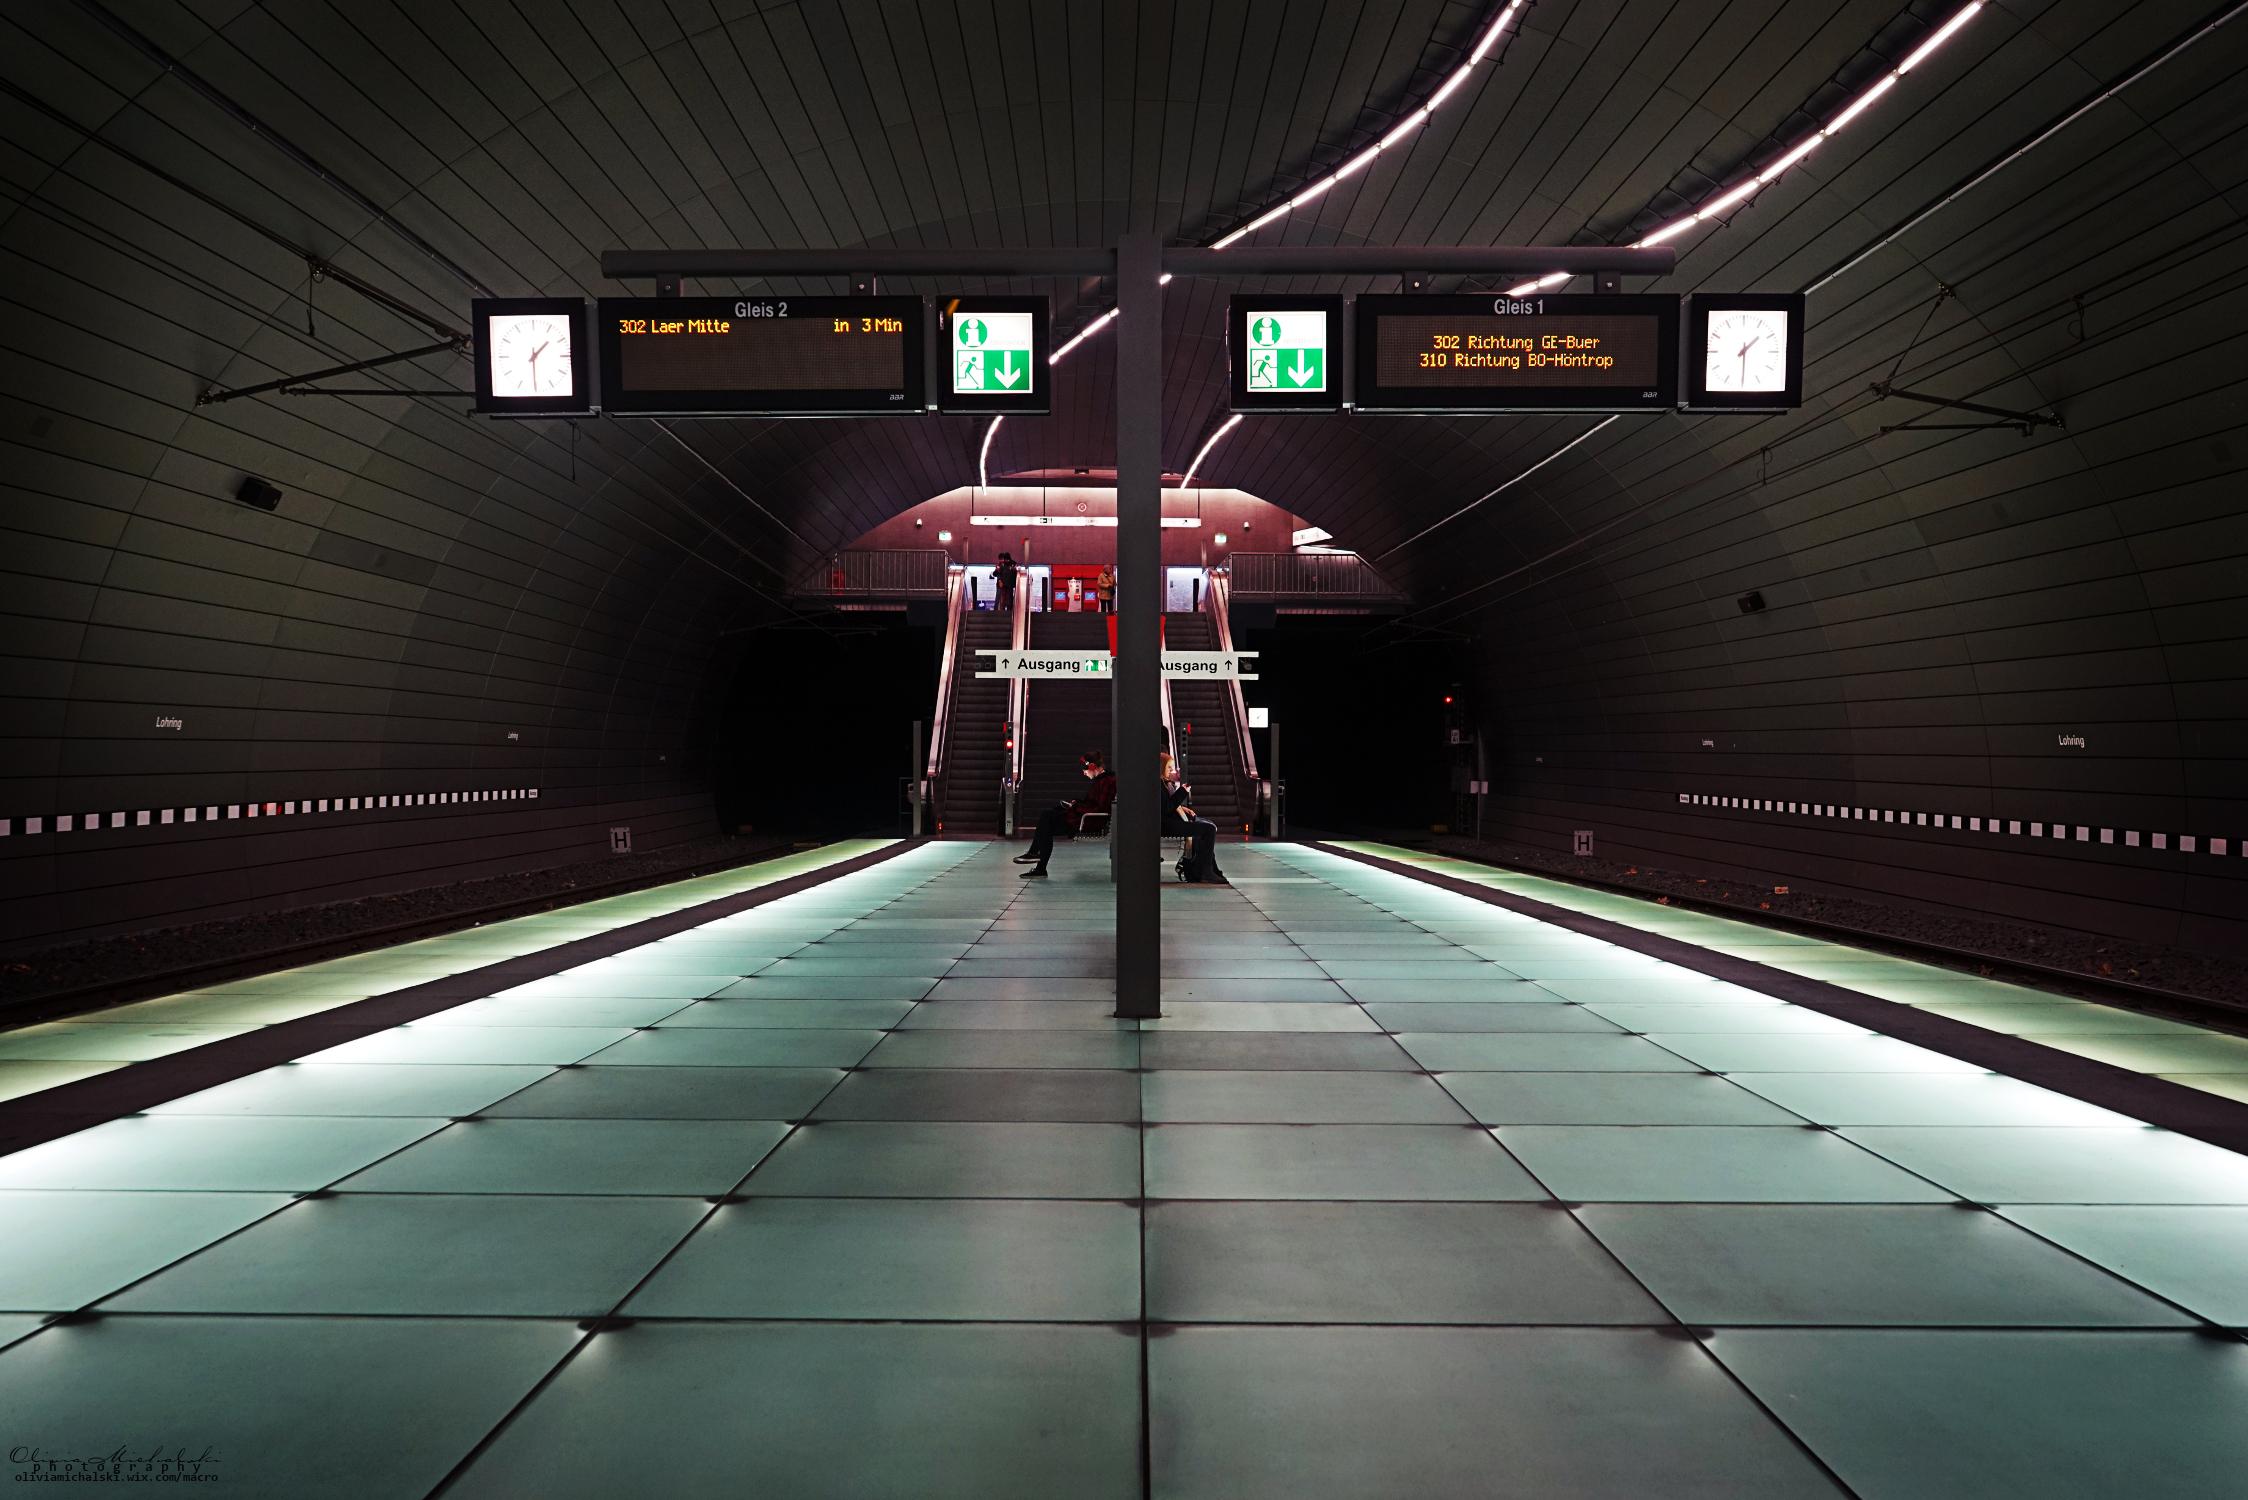 Tram stations by OliviaMichalski